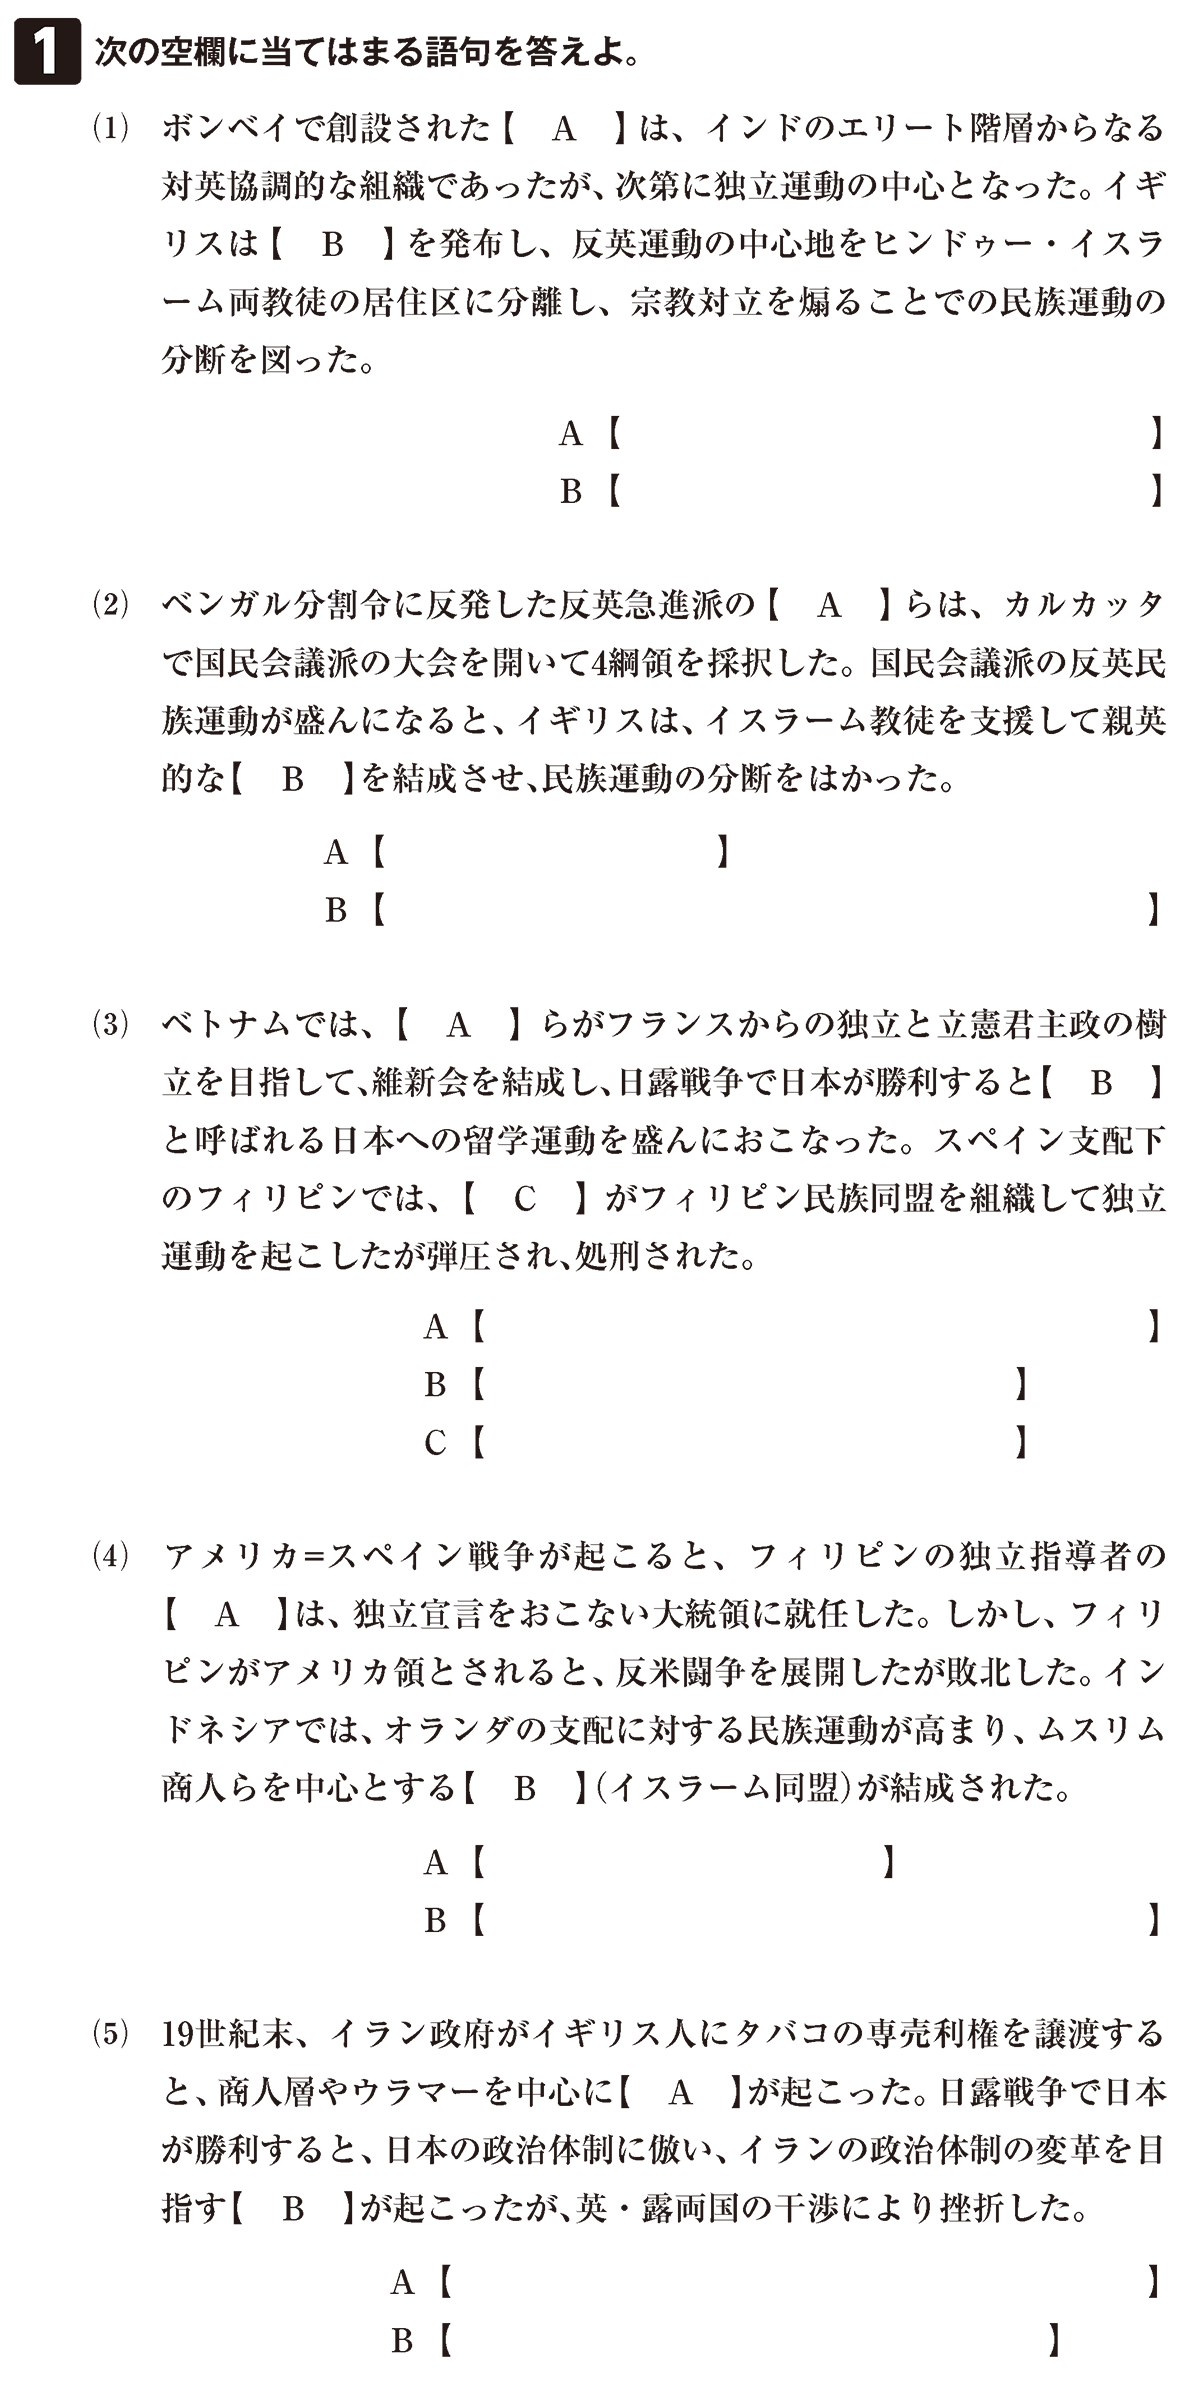 帝国主義とアジアの民族運動4 確認テスト(前半)